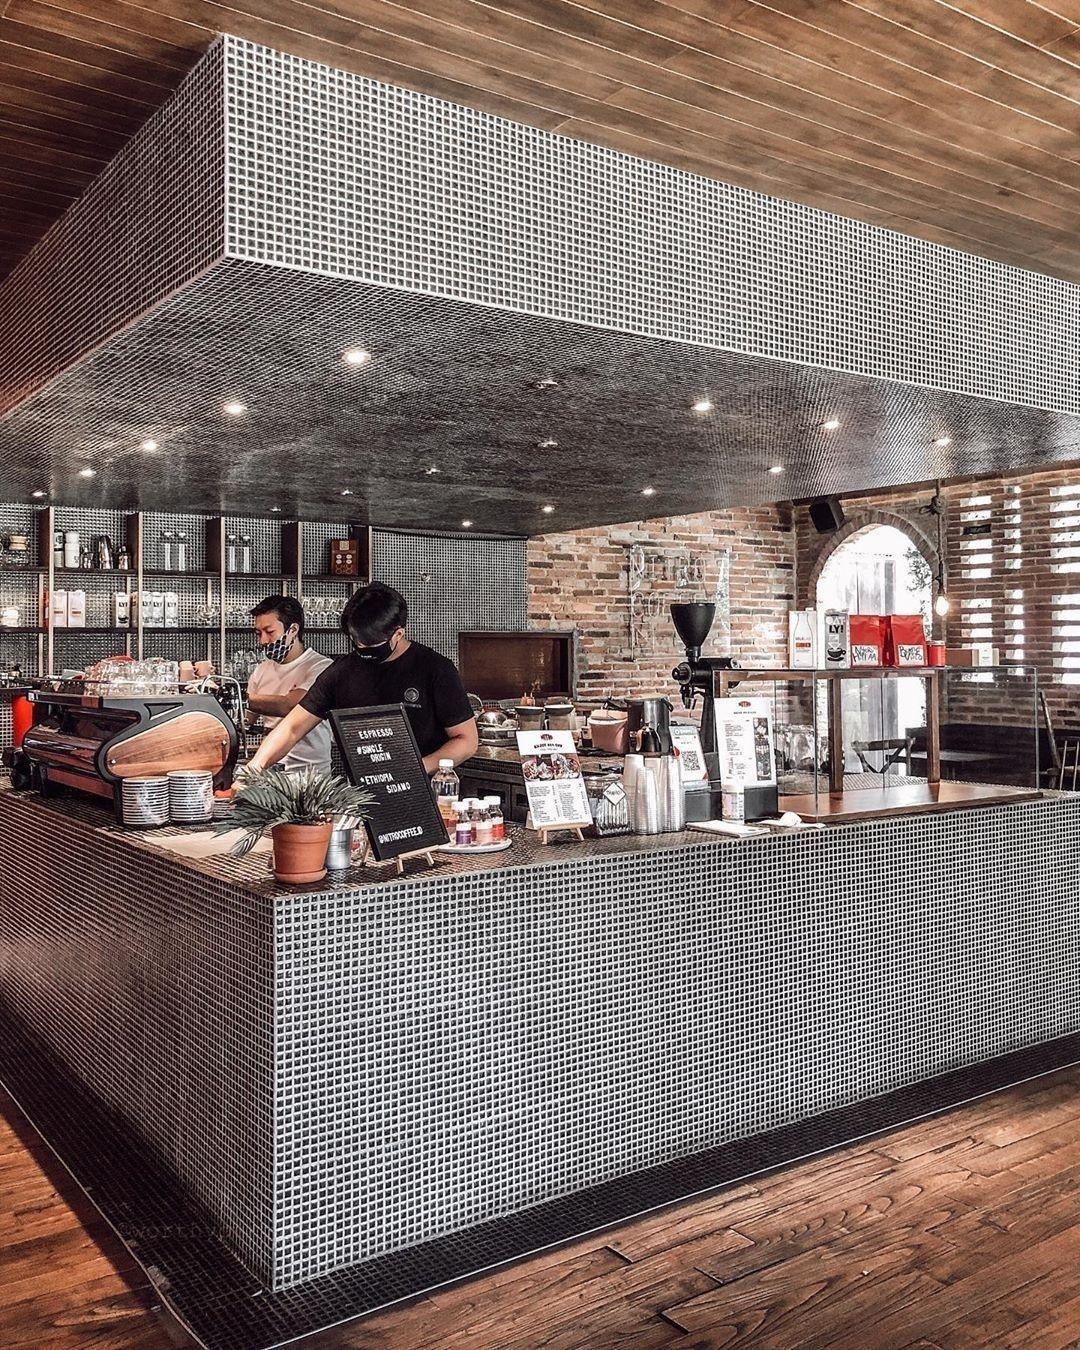 334 curtidas, 0 comentários World of Coffee